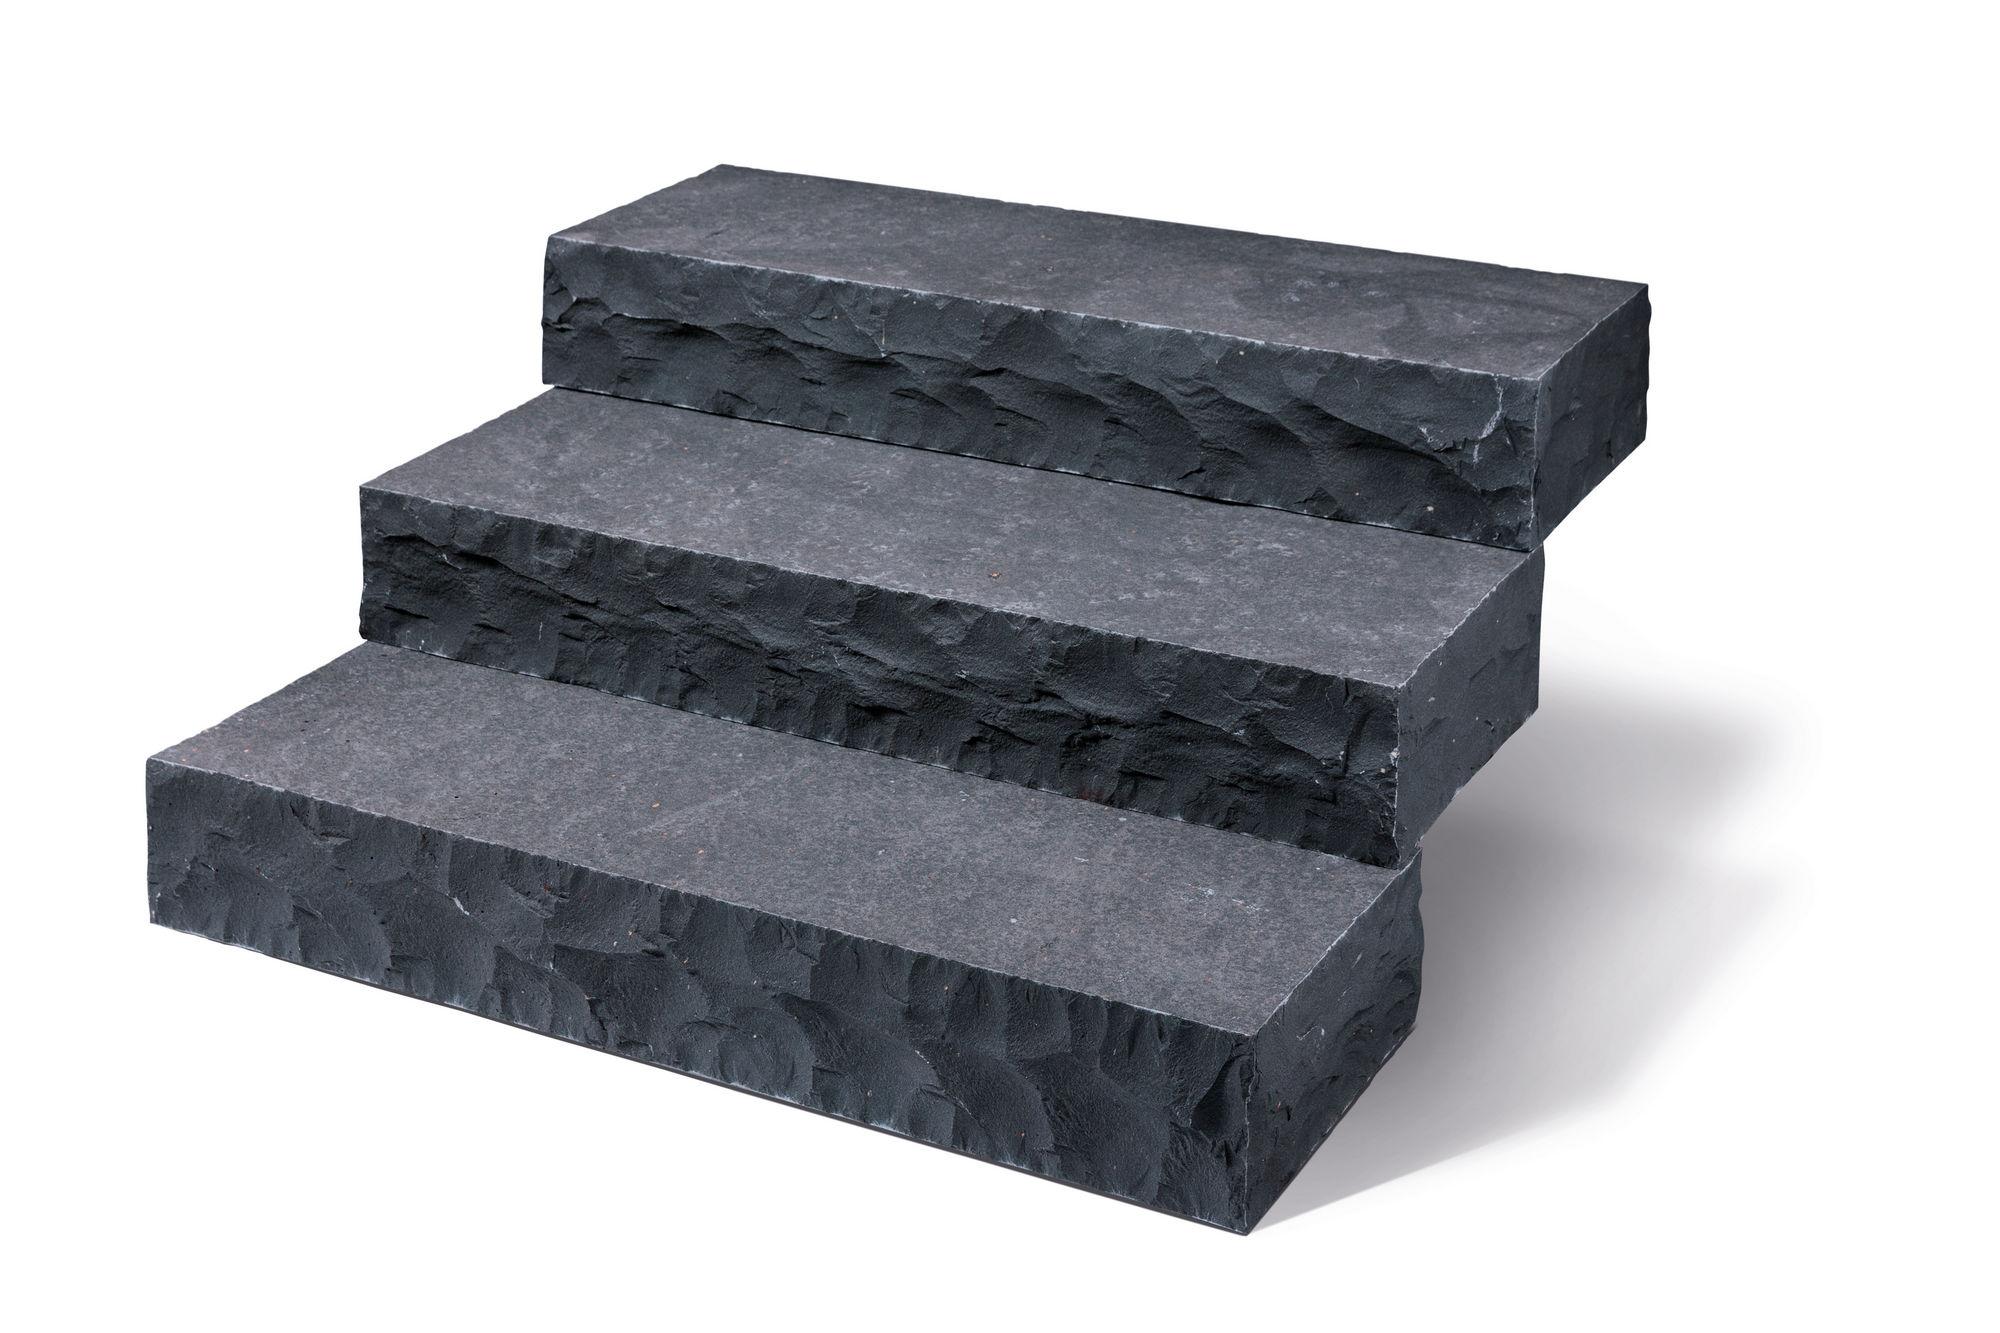 Blockstufen basalt anthrazit